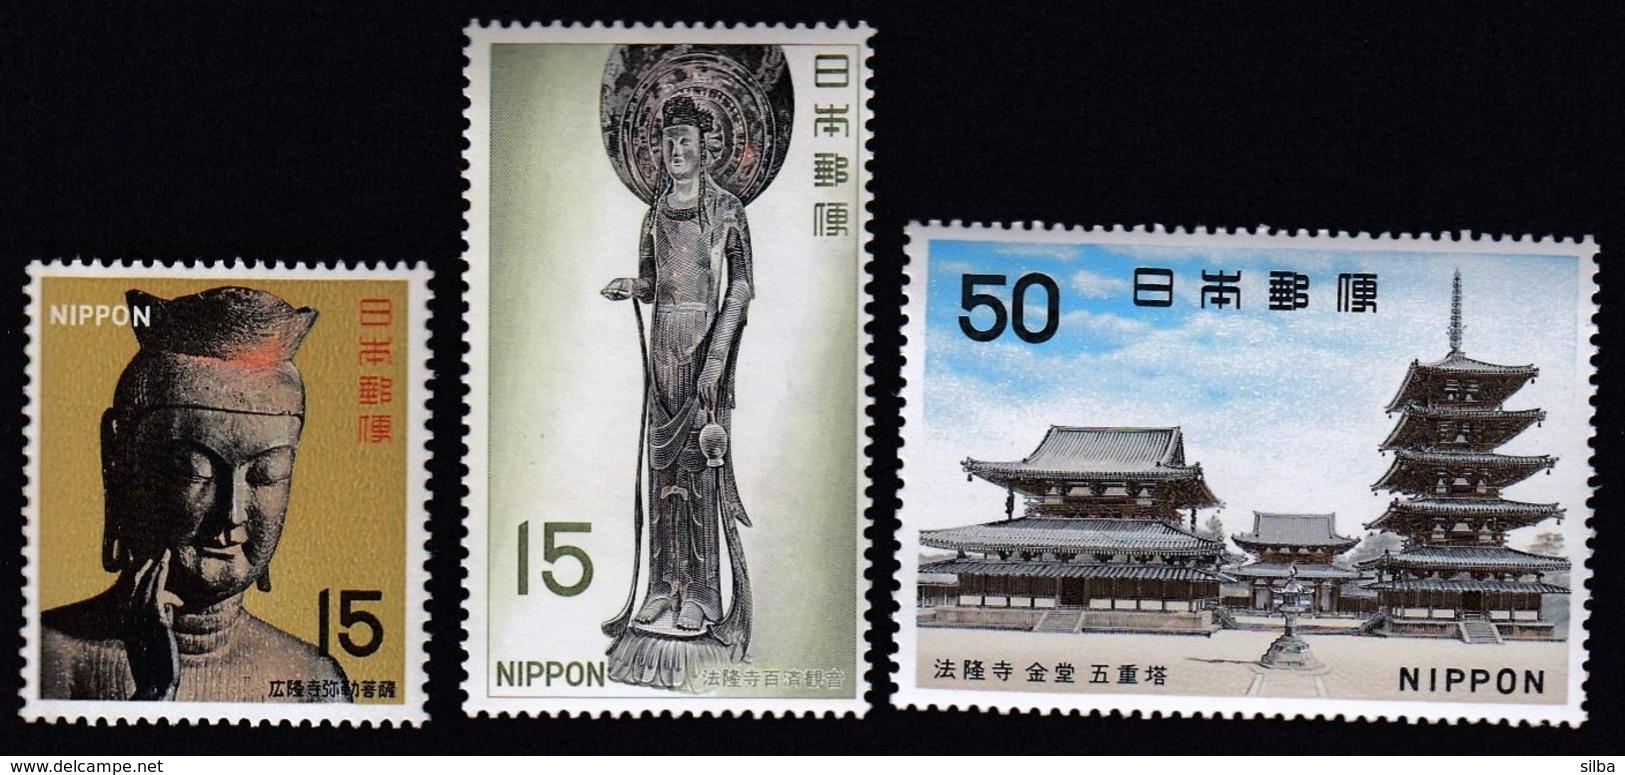 Japan 1967 / National Treasures, Asuka Period, Buddha, Koryu Temple, Kyoto, Kudara Kannon (Budda), Horyu Temple, Nara - Ungebraucht